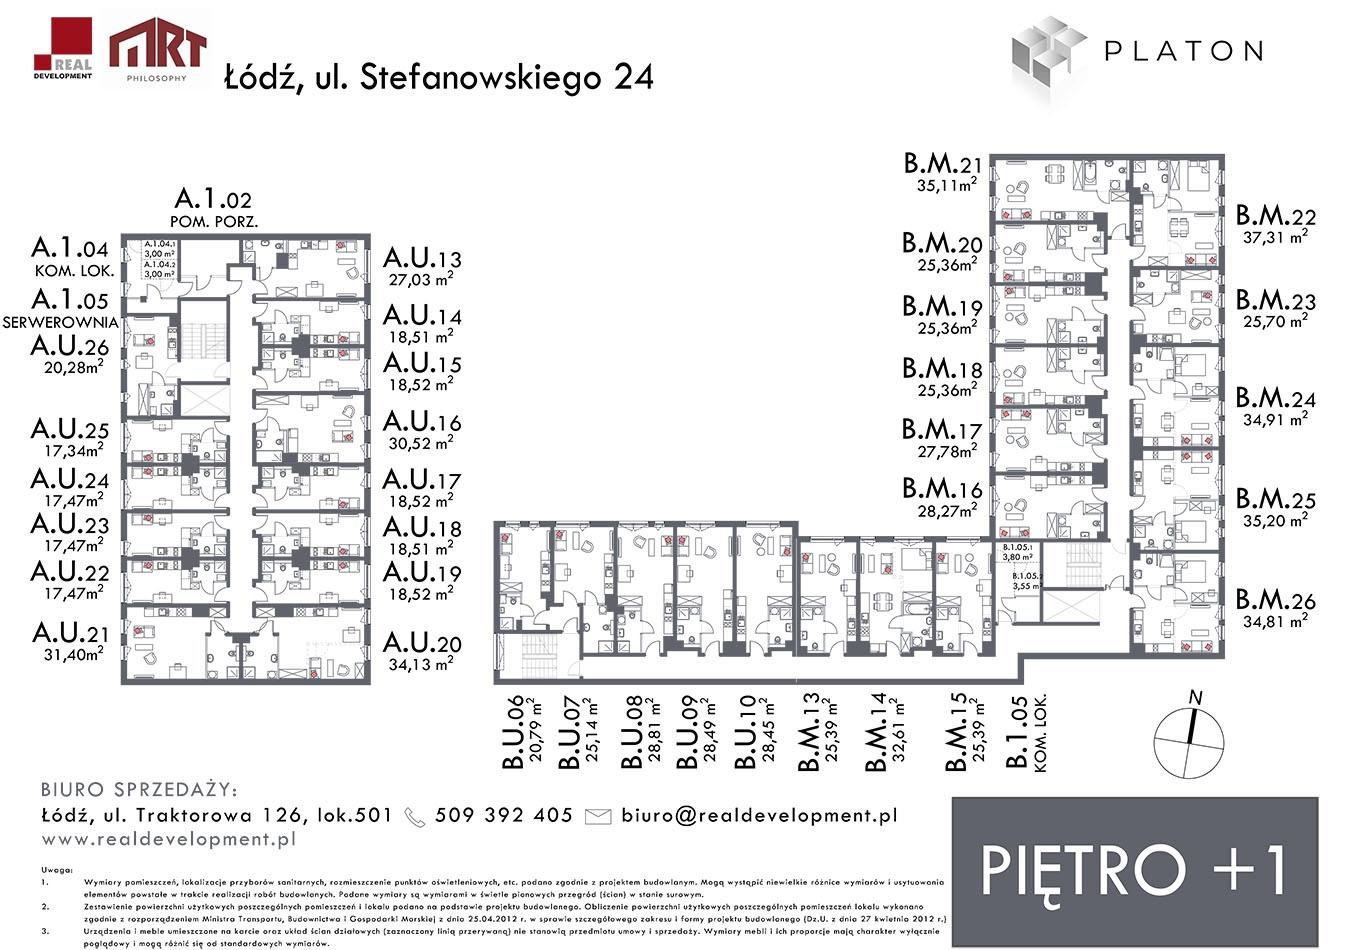 Platon - Piętro 1